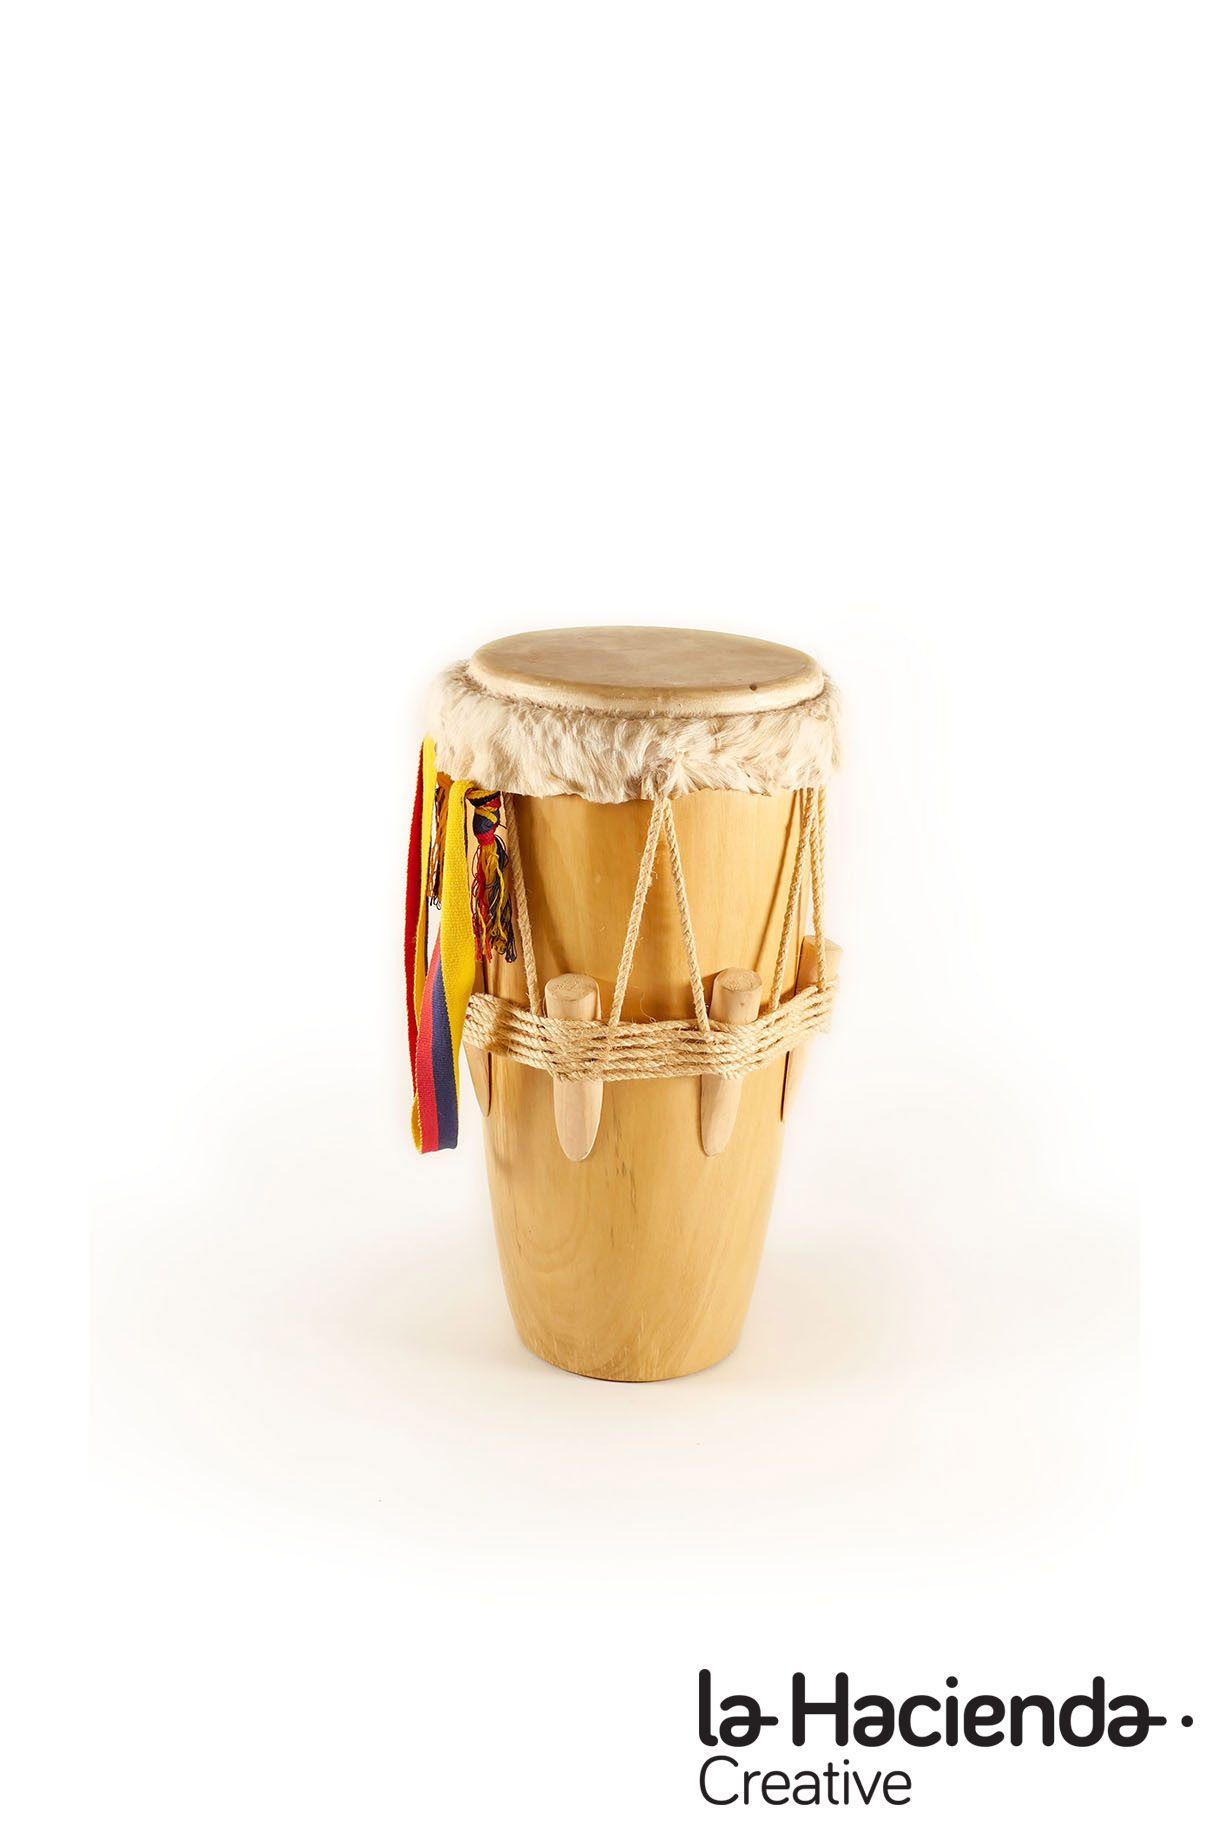 Big Colombian Tambora Instrumente